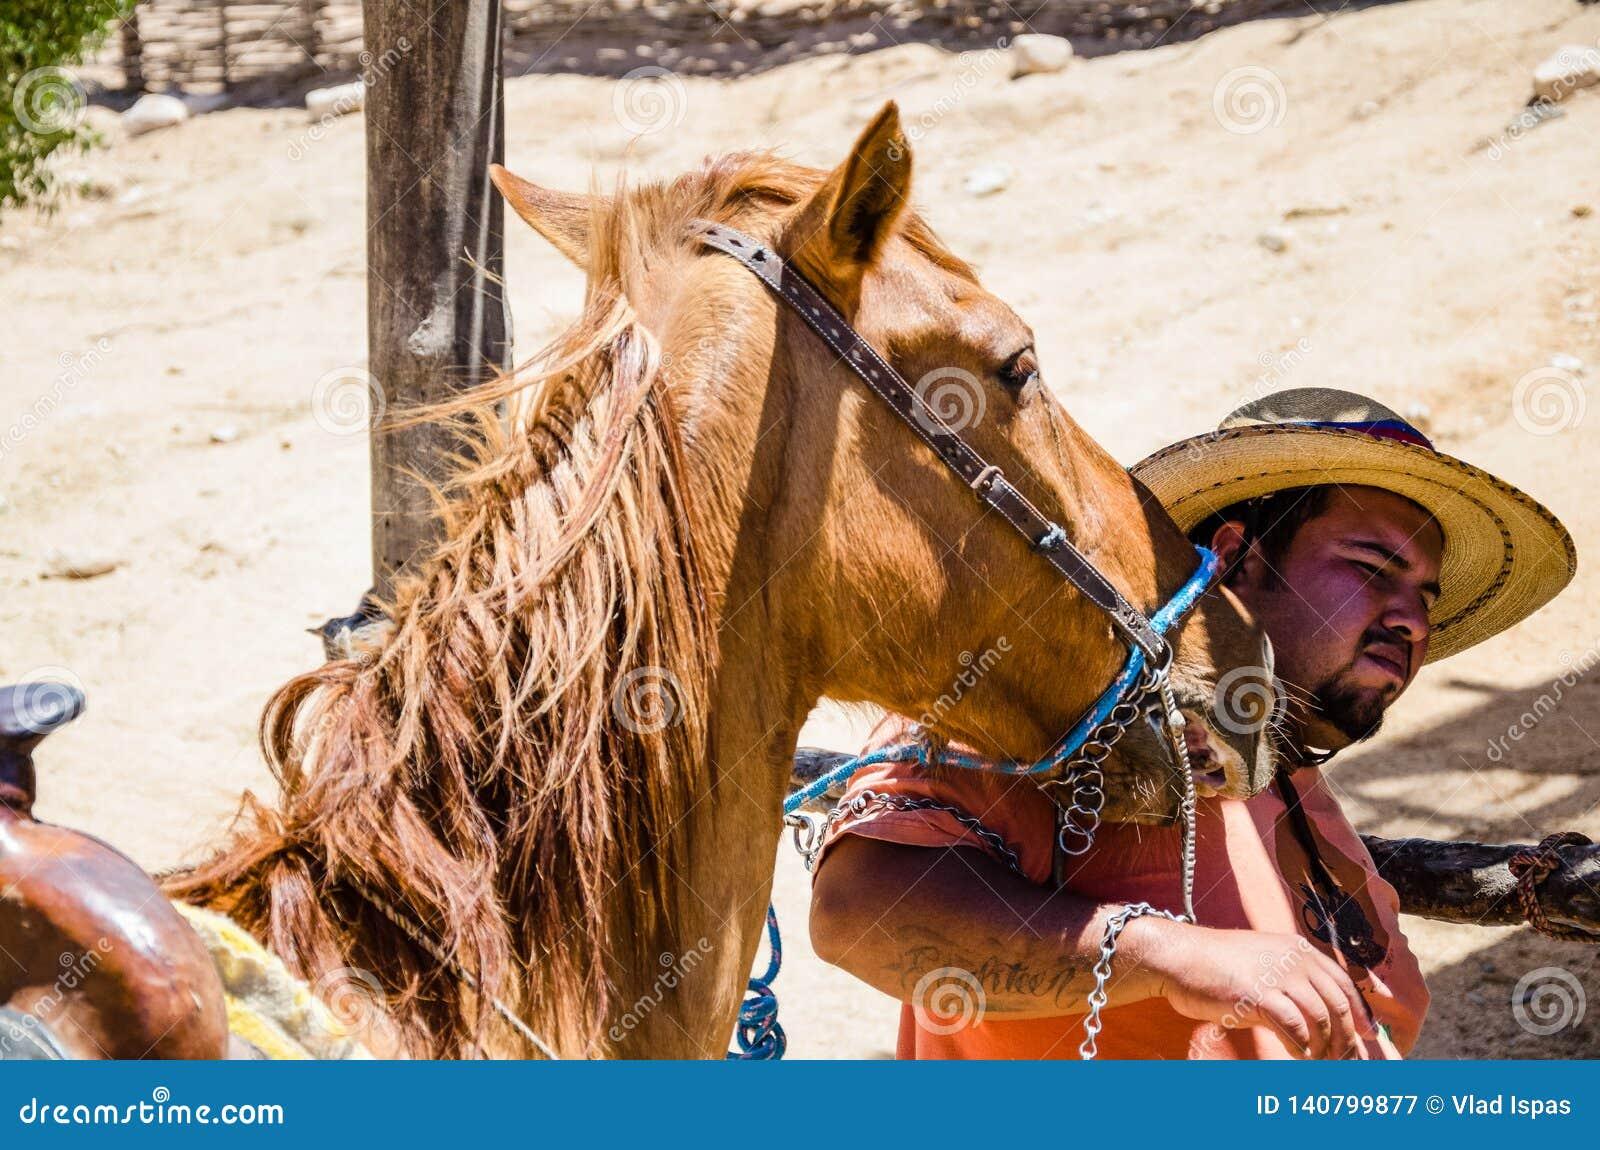 Strak omhooggaand paard op het strand